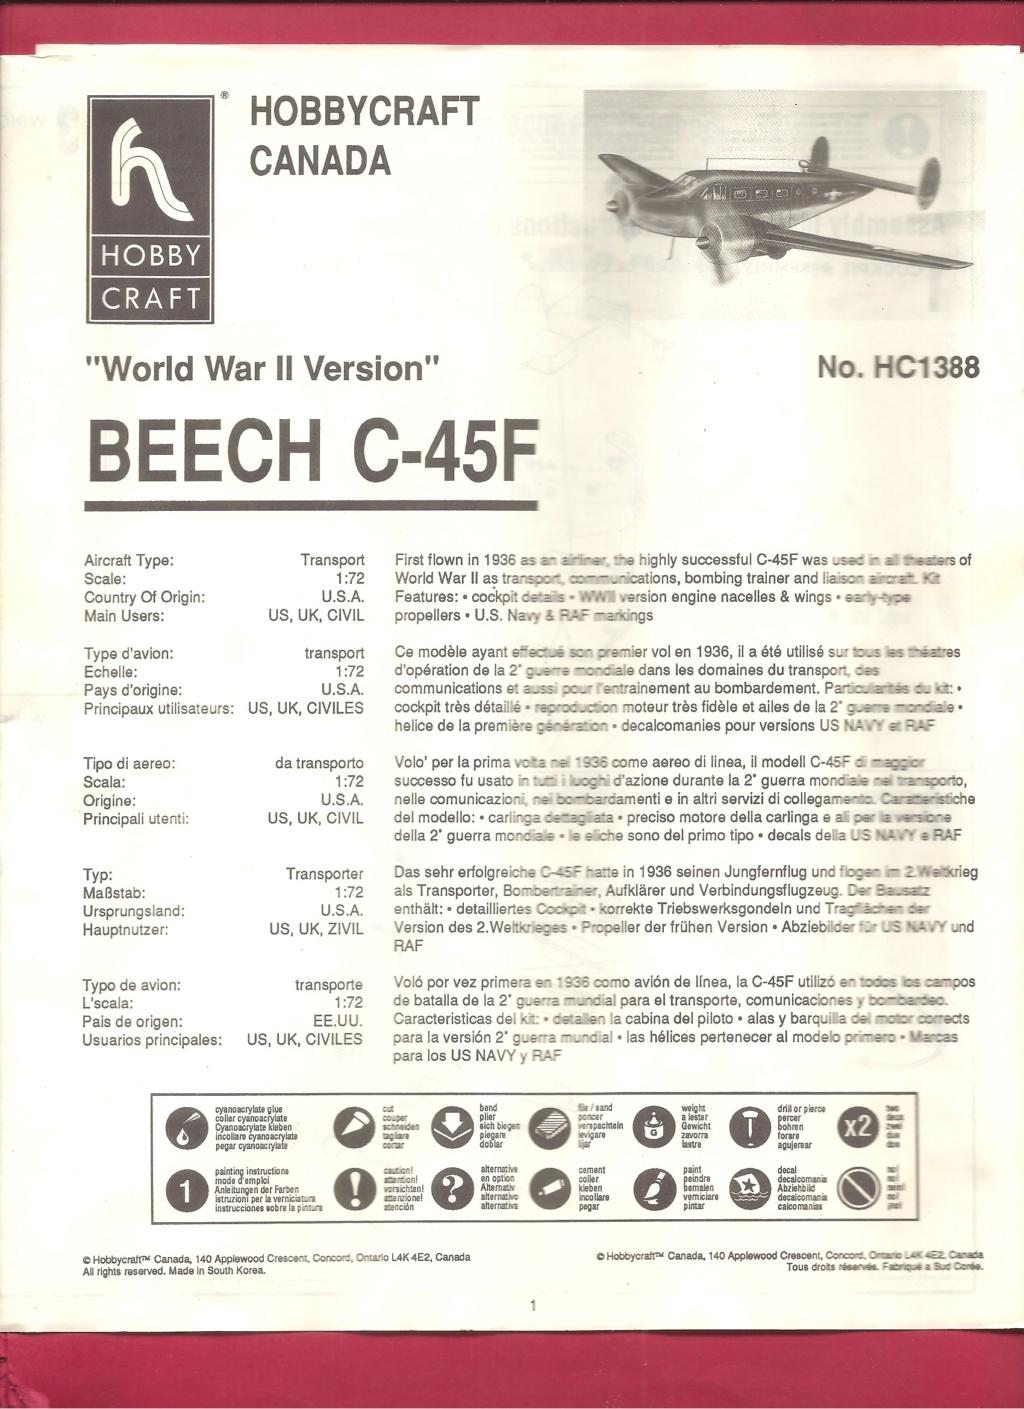 [HOBBYCRAFT] BEECH C 45 F 1/72ème Réf HC 1388 Hobbyc12